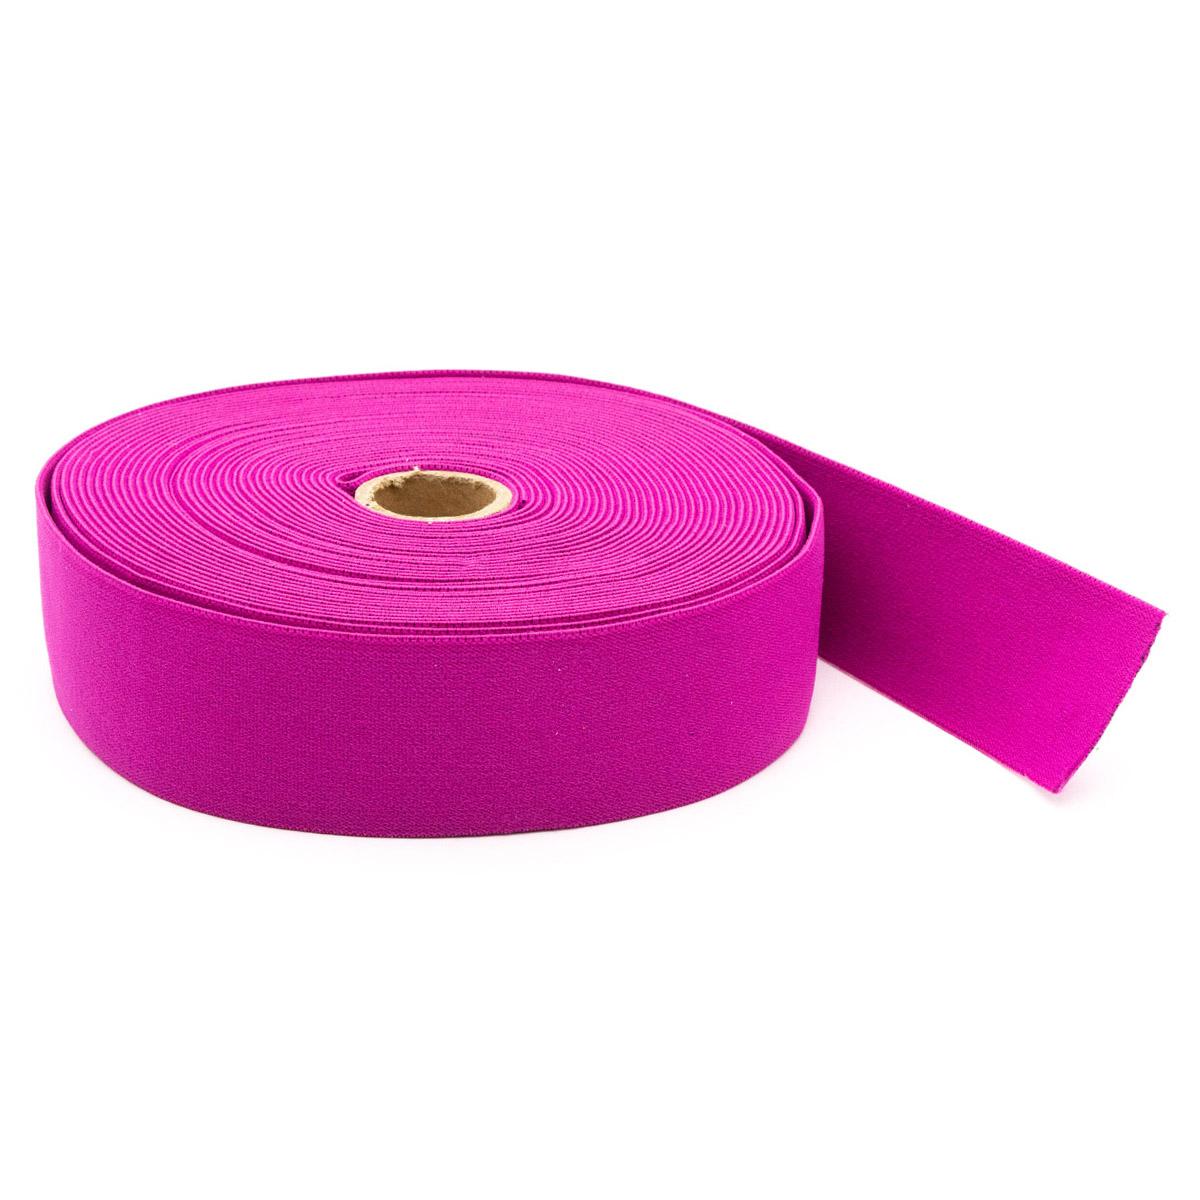 957400 Эластичная лента-пояс 38мм*10м розовый яркий Prym